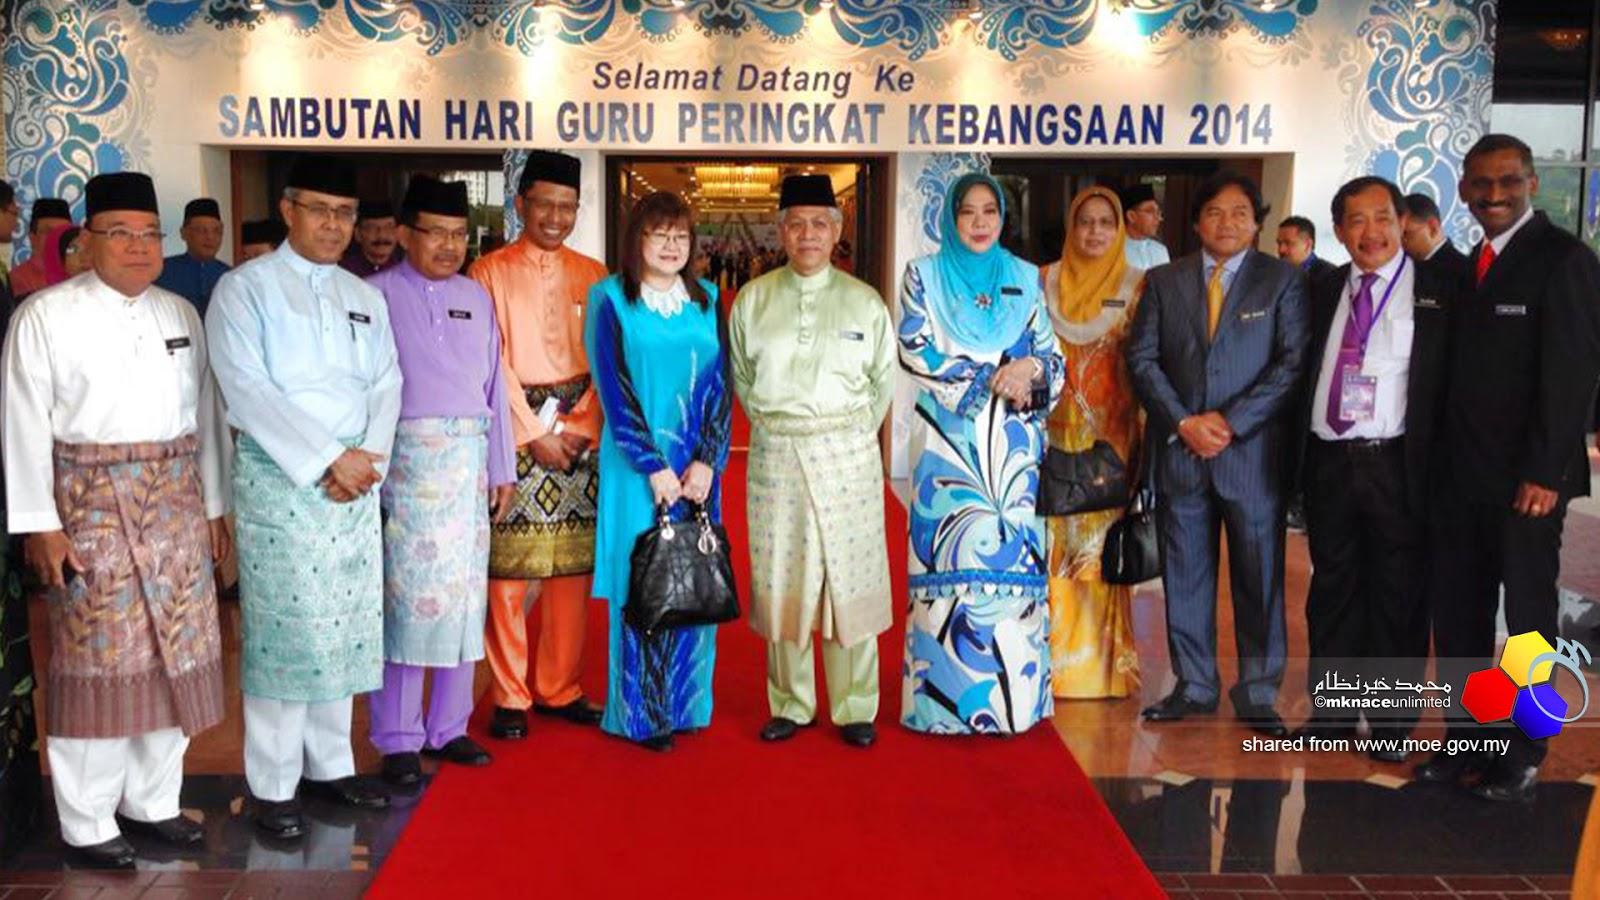 PERUTUSAN SAMBUTAN HARI GURU 2014 OLEH KETUA PENGARAH PELAJARAN MALAYSIA